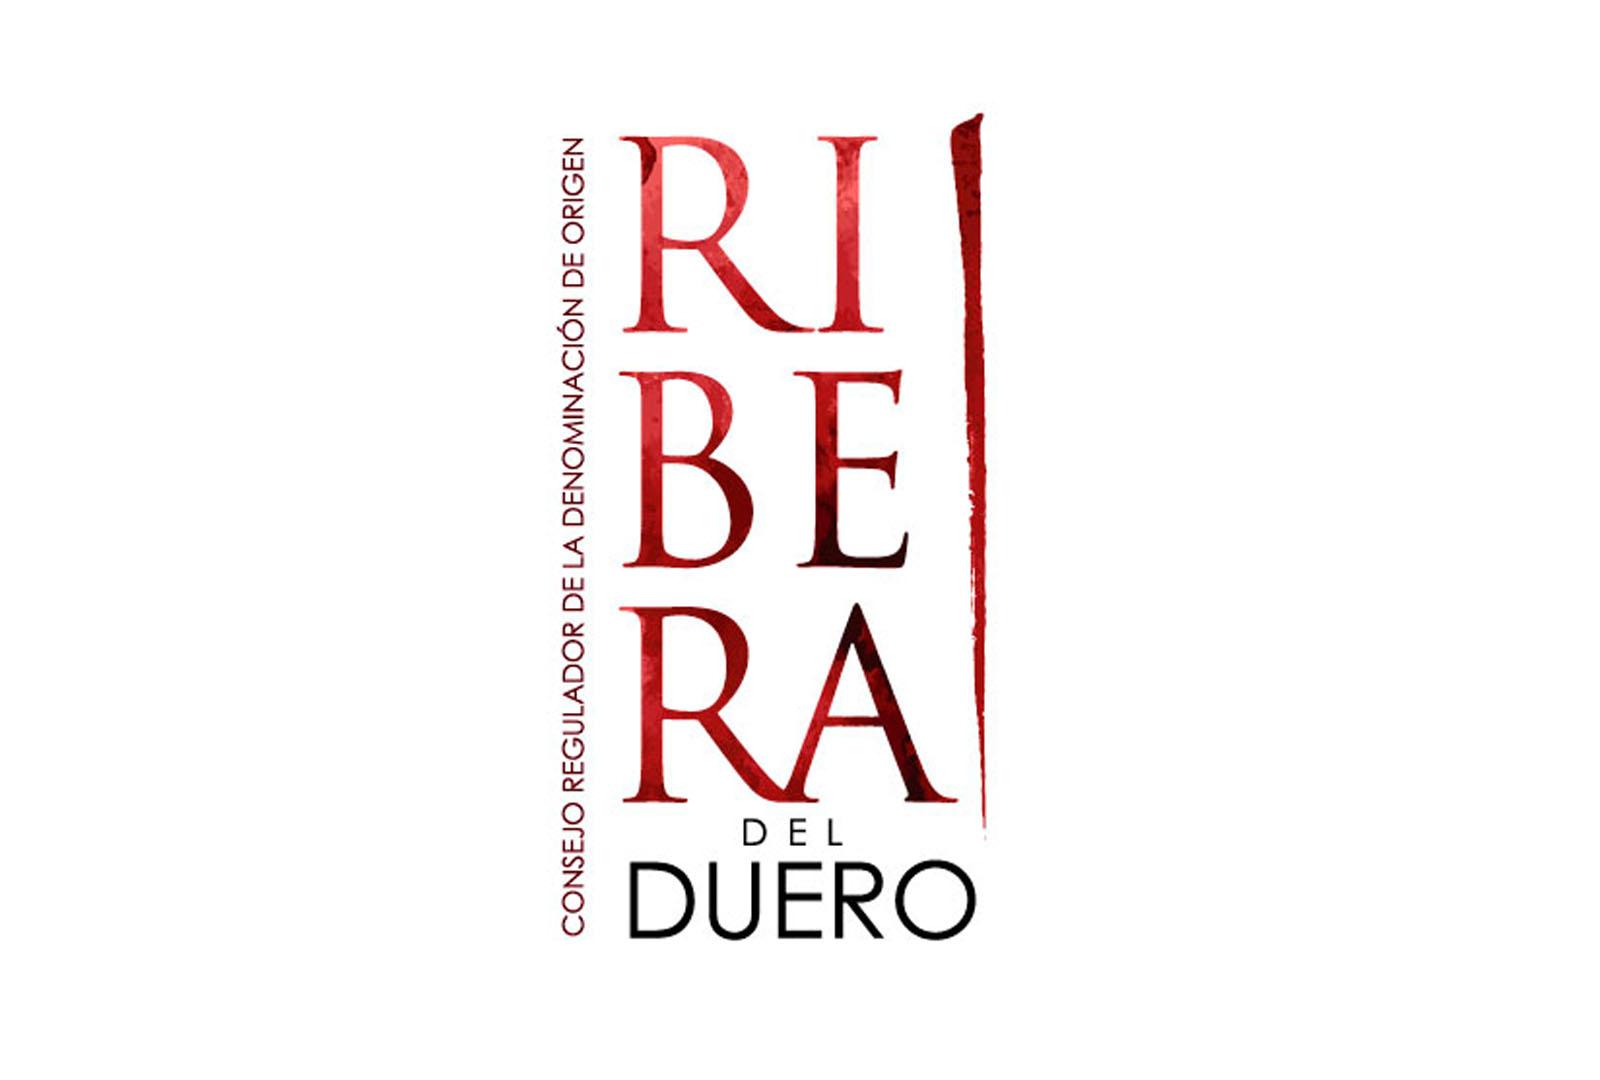 Ribera del Duero protagonista en las ondas radiofónicas españolas.